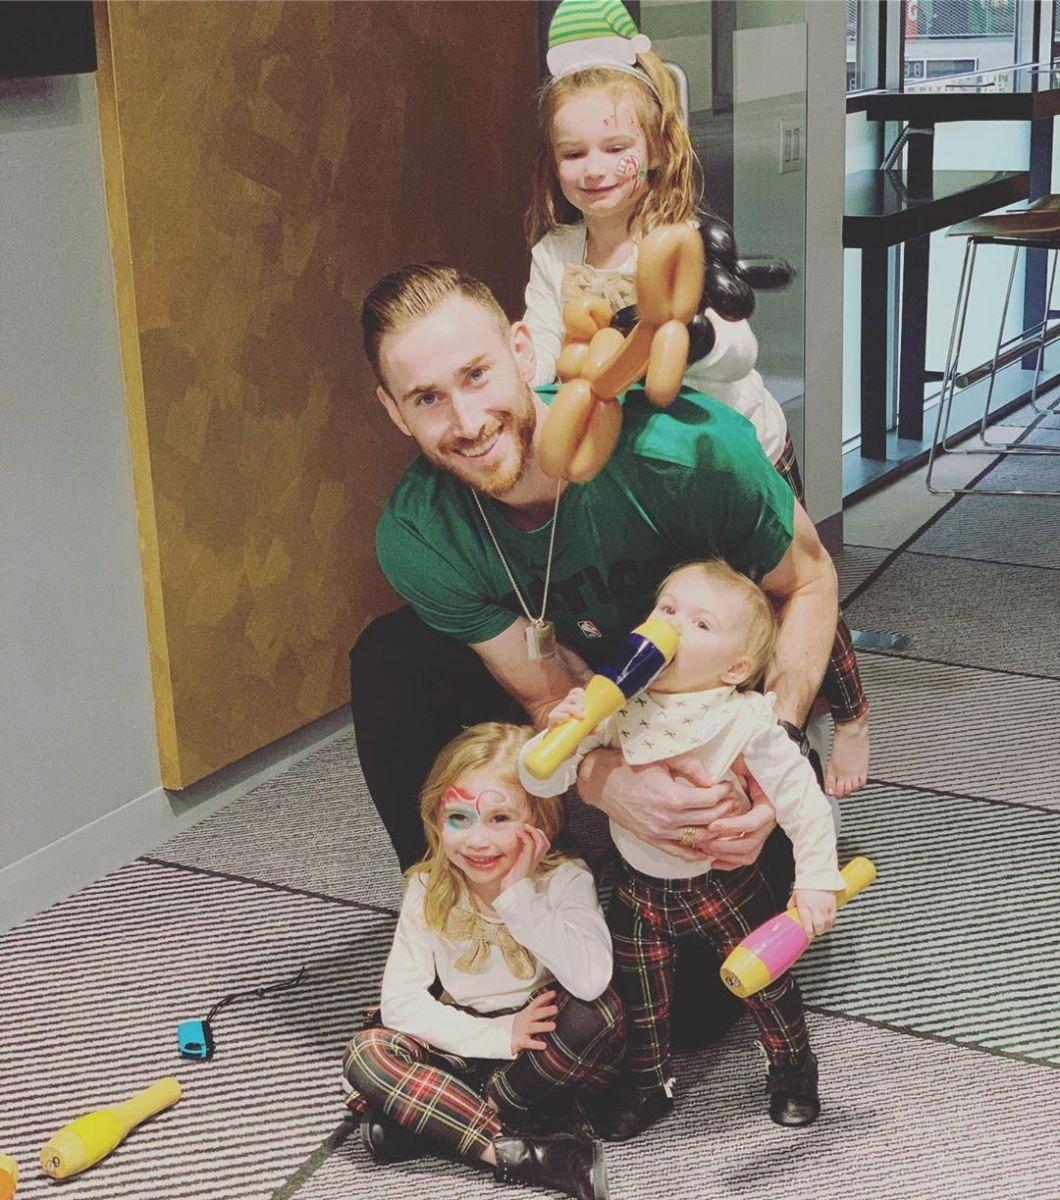 幸福老爸!海沃德社交媒体晒照,与女儿们欢度圣诞派对